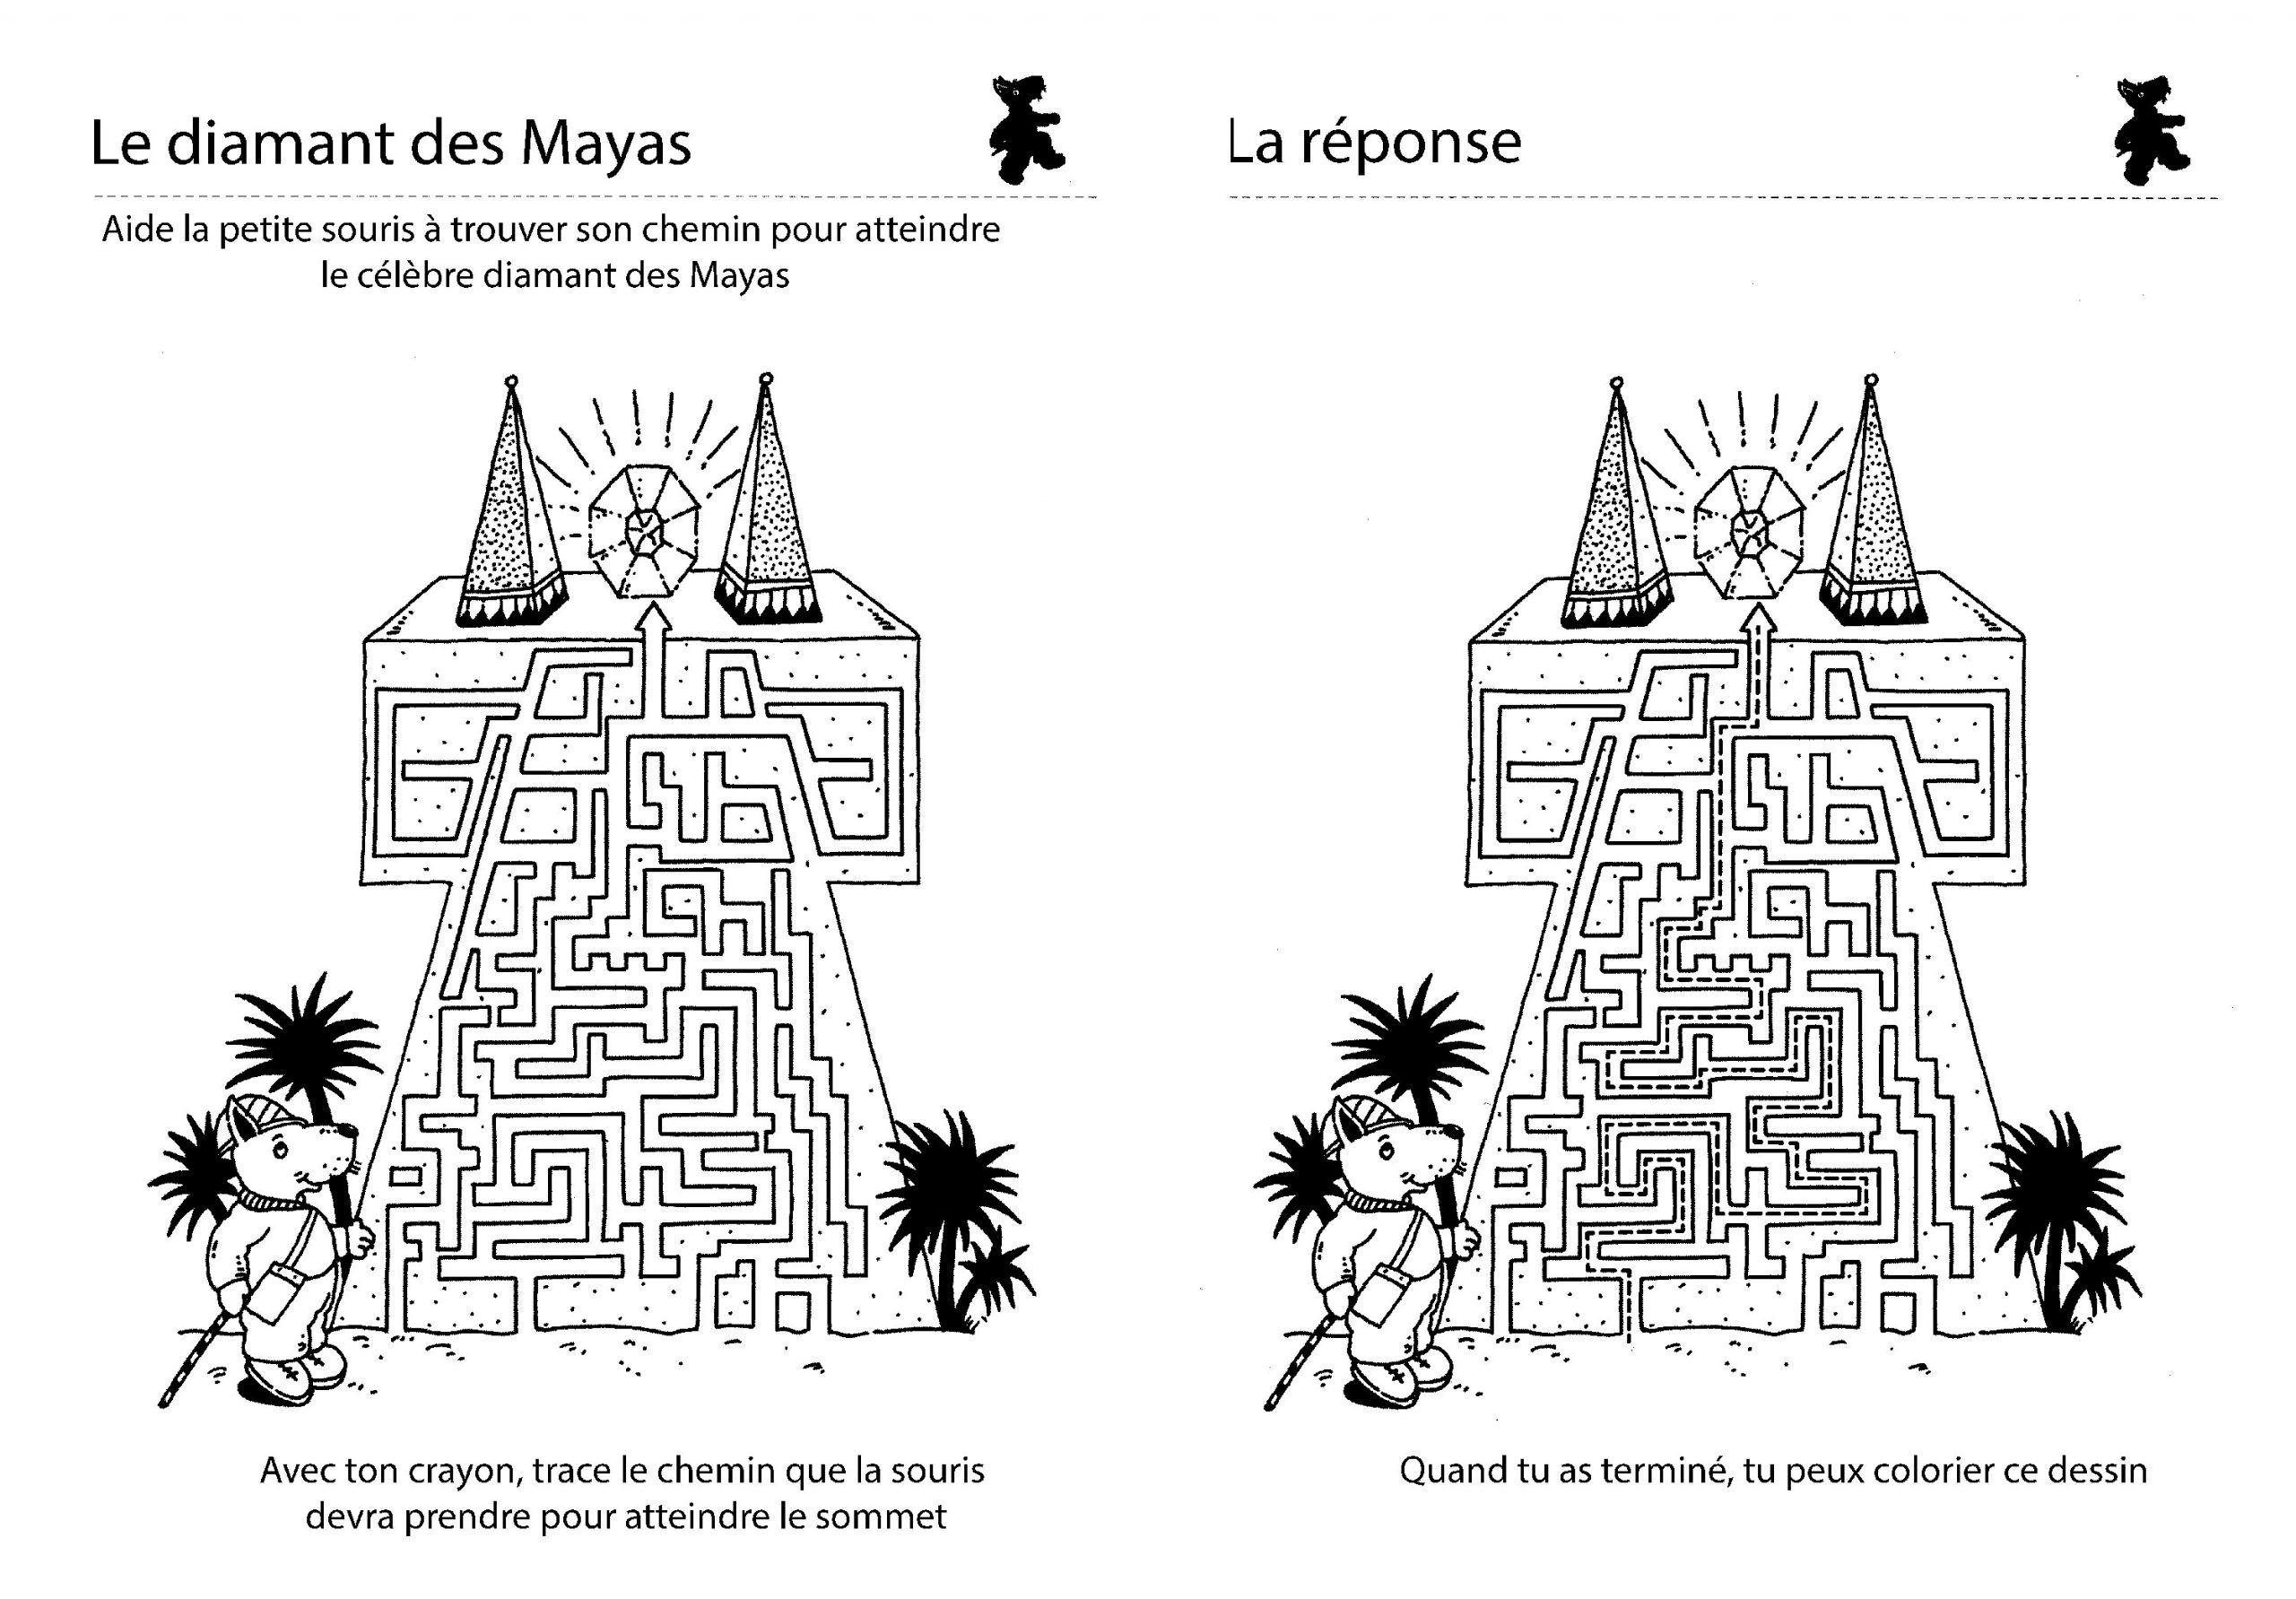 Jeu De Labyrinthe : Le Diamant Des Mayas dedans Labyrinthes À Imprimer